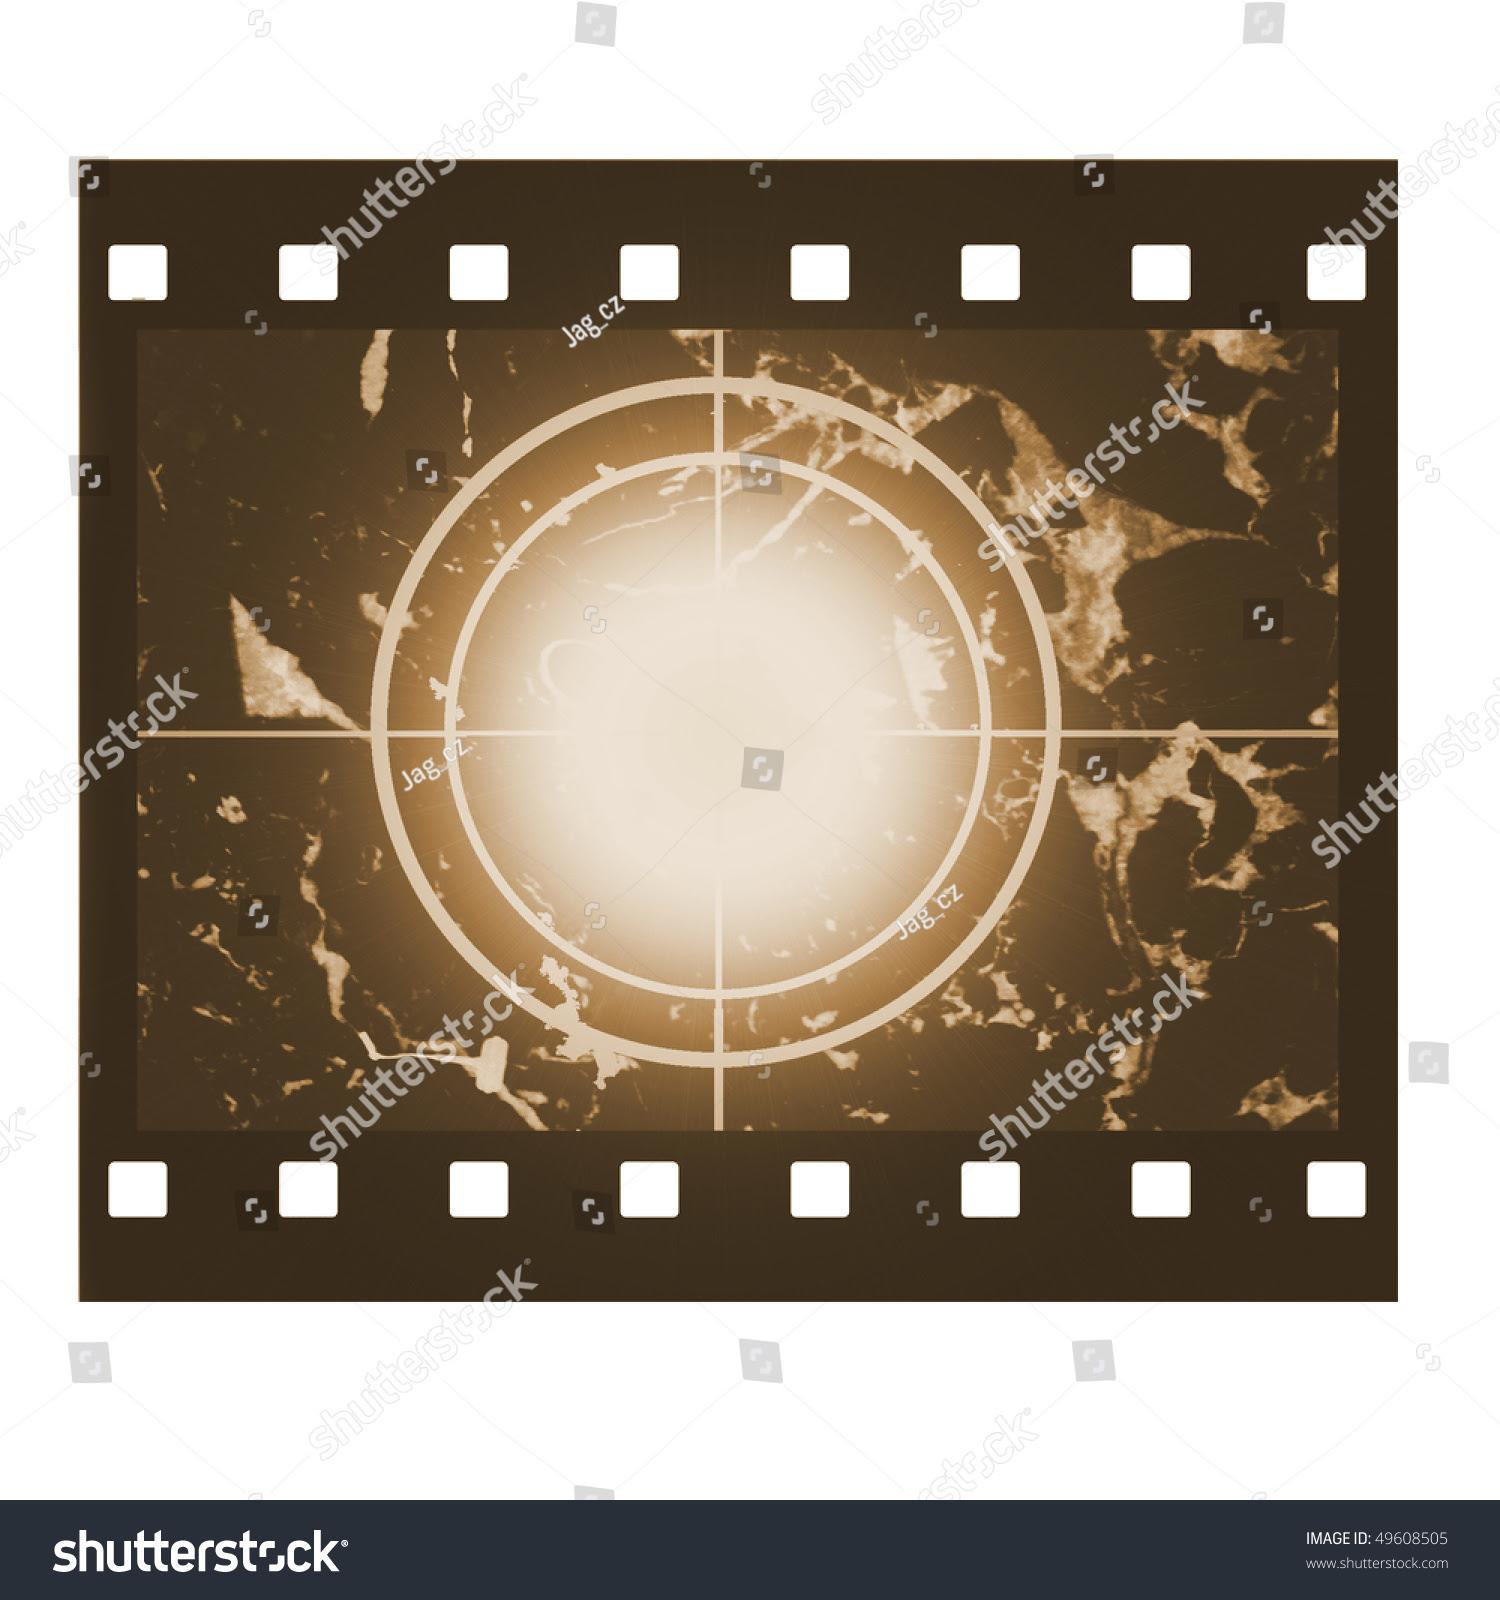 Blank Film Countdown Sepia Design Stock Photo 49608505 ...